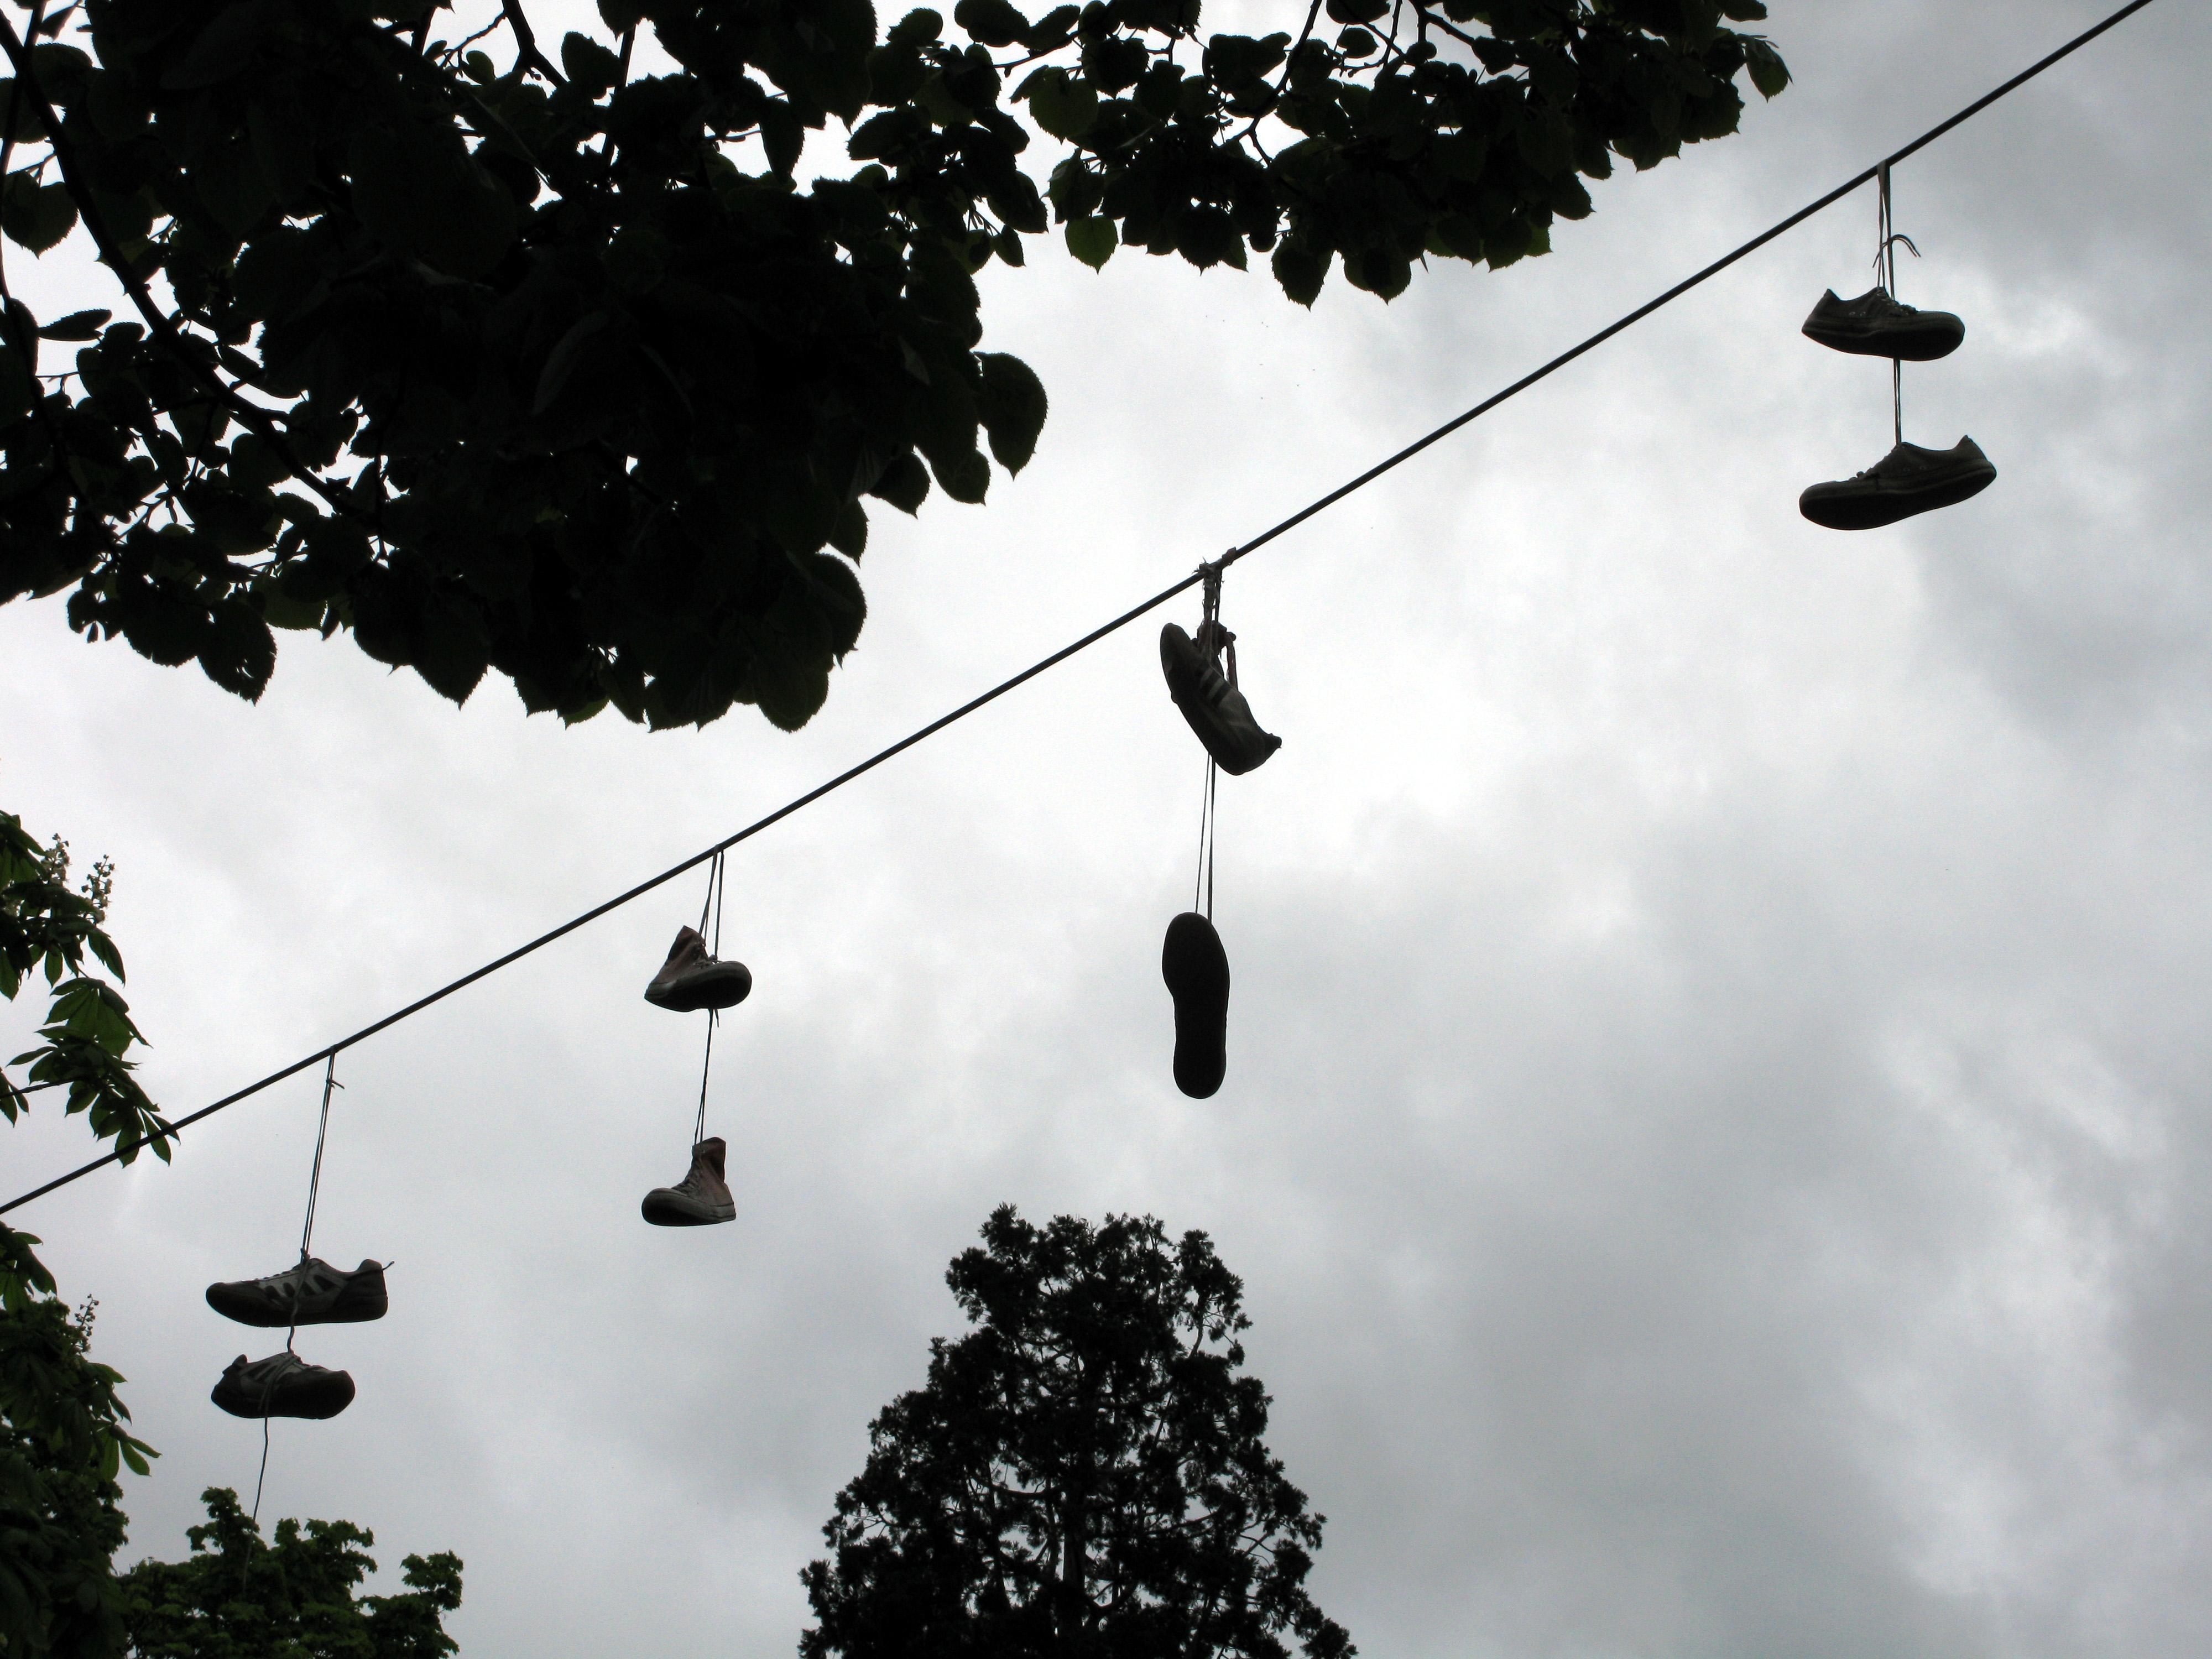 lancio scarpe sui fili